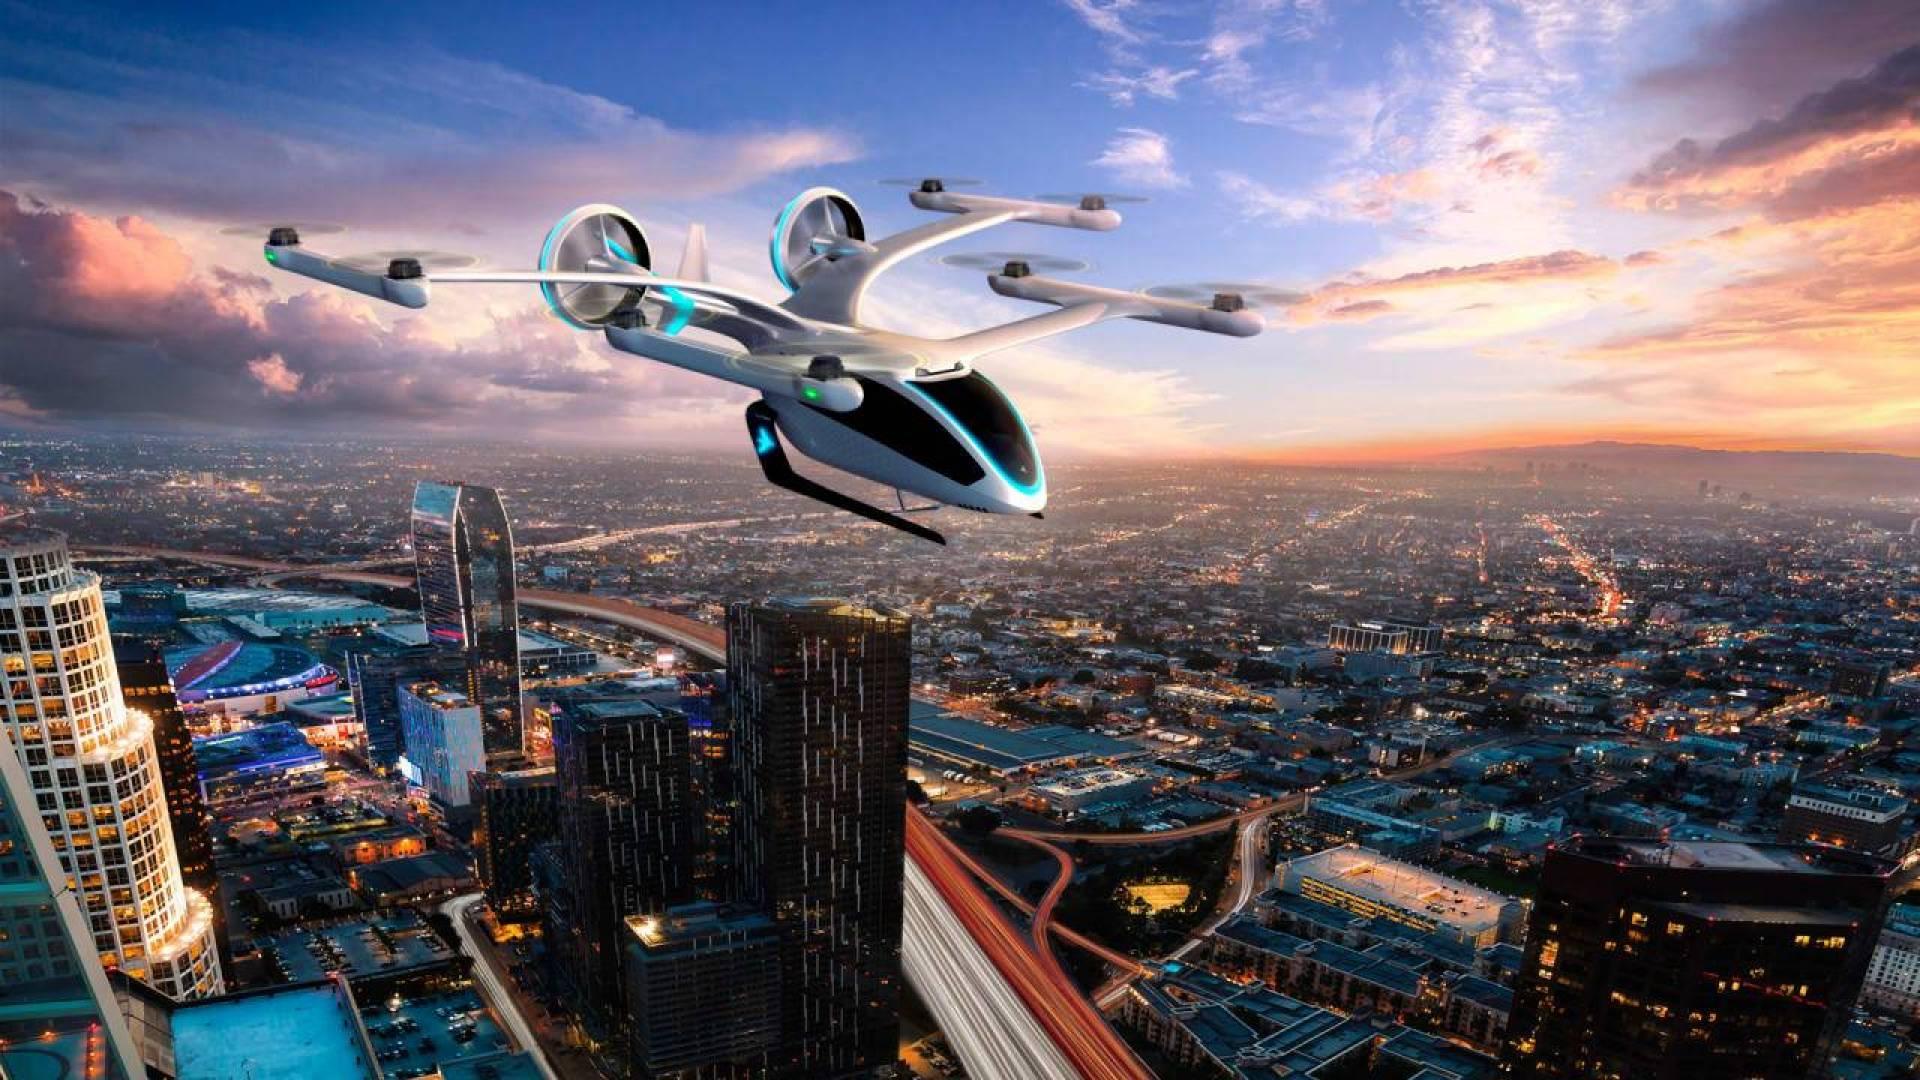 التاكسي الطائر - أسعار سيارات هيونداي - صيانة سيارات هيونداي - أحدث سيارات هيونداي - التقنل الذكي -أوبر - أجرة التاكسي الطائر - فيديو التاكسي الطائر - صور التاكسي الطائر - طريقة حجز التاكسي الطائر - أبكيشن التاكسي الطائر - تطبيق التاكسي الطائر - السيارات الطائرة - أسعار السيارة الطائرة - أسعار السيارات الطائرة - أسعار السيارات الكهربائية - محطات شحن السيارات الكهربائية - صيانة السيارات الكهربائية - أحدث سيارة كهربائية - أفضل سيارة كهربائية - كيفية شحن السيارات الكهربائية - محطات شحن متنقلة - موقع سيارات مستعملة - جروب سيارات - أحدث السيارات - أخبار السيارات - أسعار السيارات